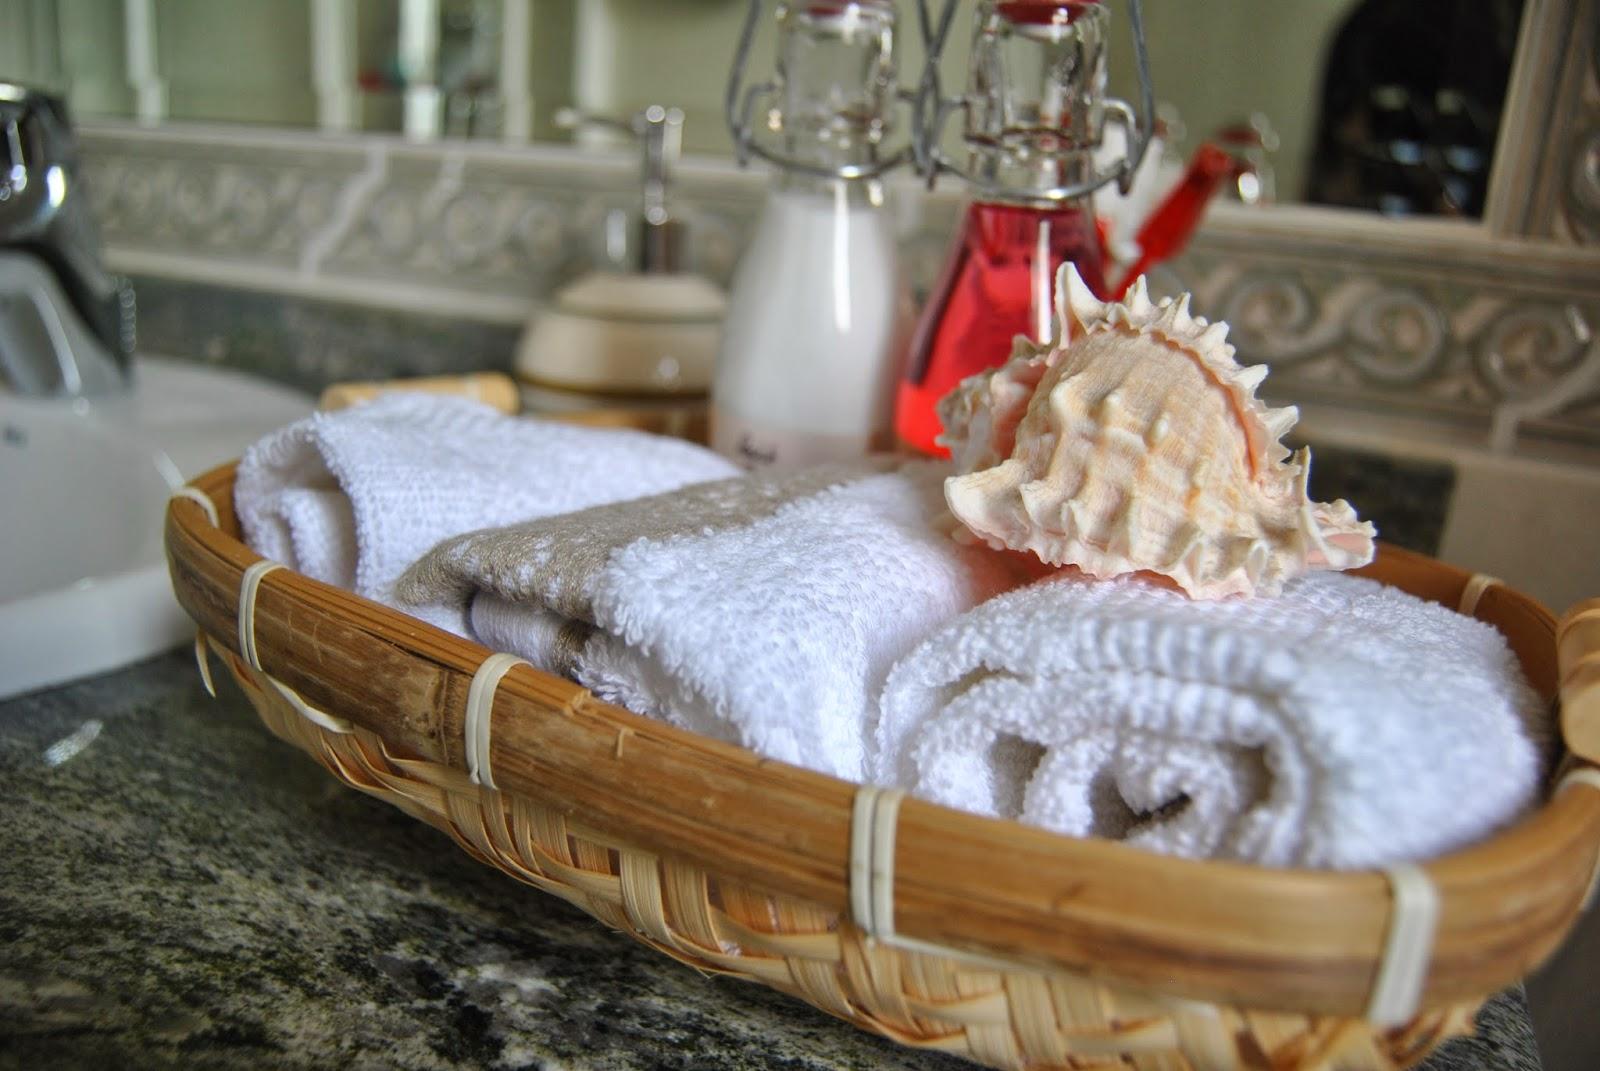 Decoracion De Baño Con Toallas:Blancas en bandejas o cestas de mimbre pueden cambiar completamente la